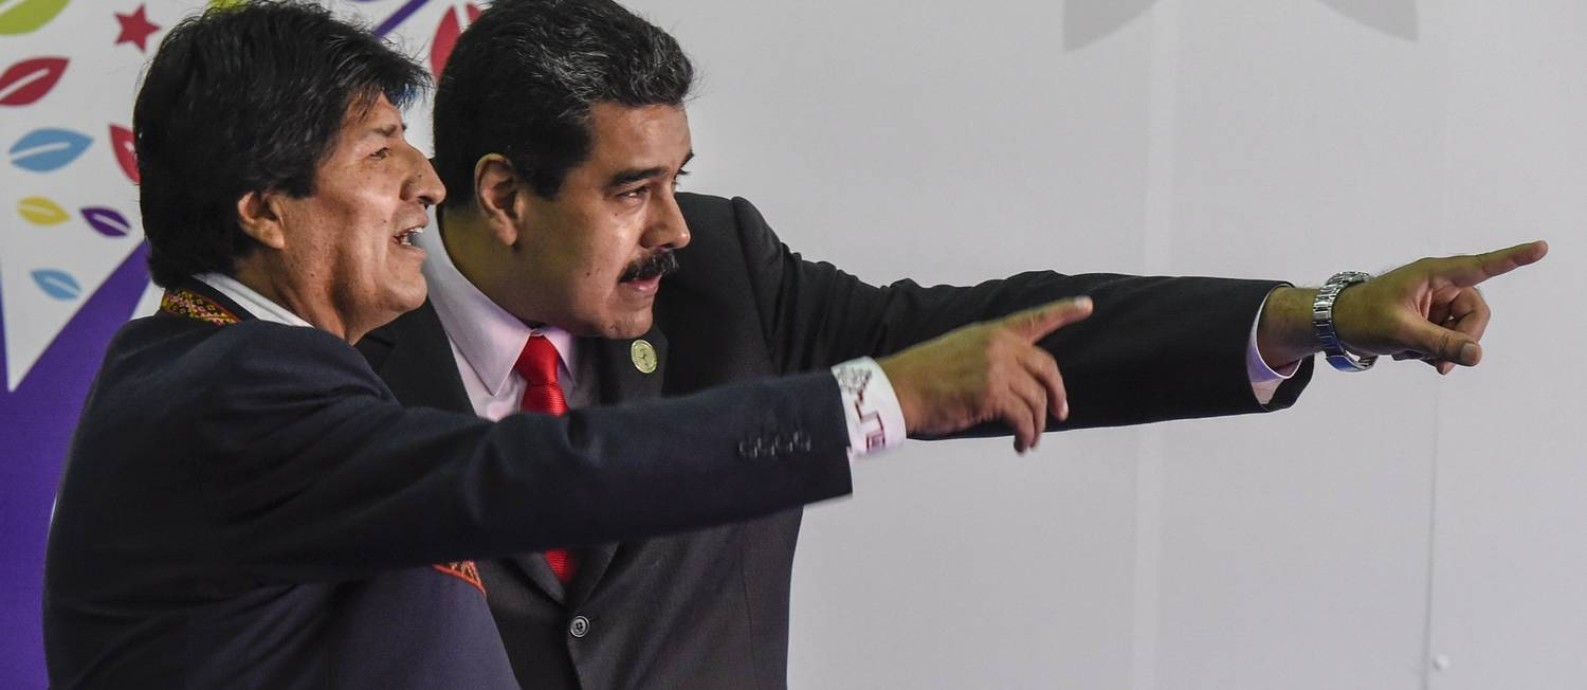 Olha ali! O presidente da Bolívia, Evo Morales (à esquerda) conversa com seu aliado venezuelano Nicolás Maduro: analistas latino-americanos acham que um eventual governo de Donald Trump seria catastrófico para a América Latina Foto: JUAN BARRETO/AFP